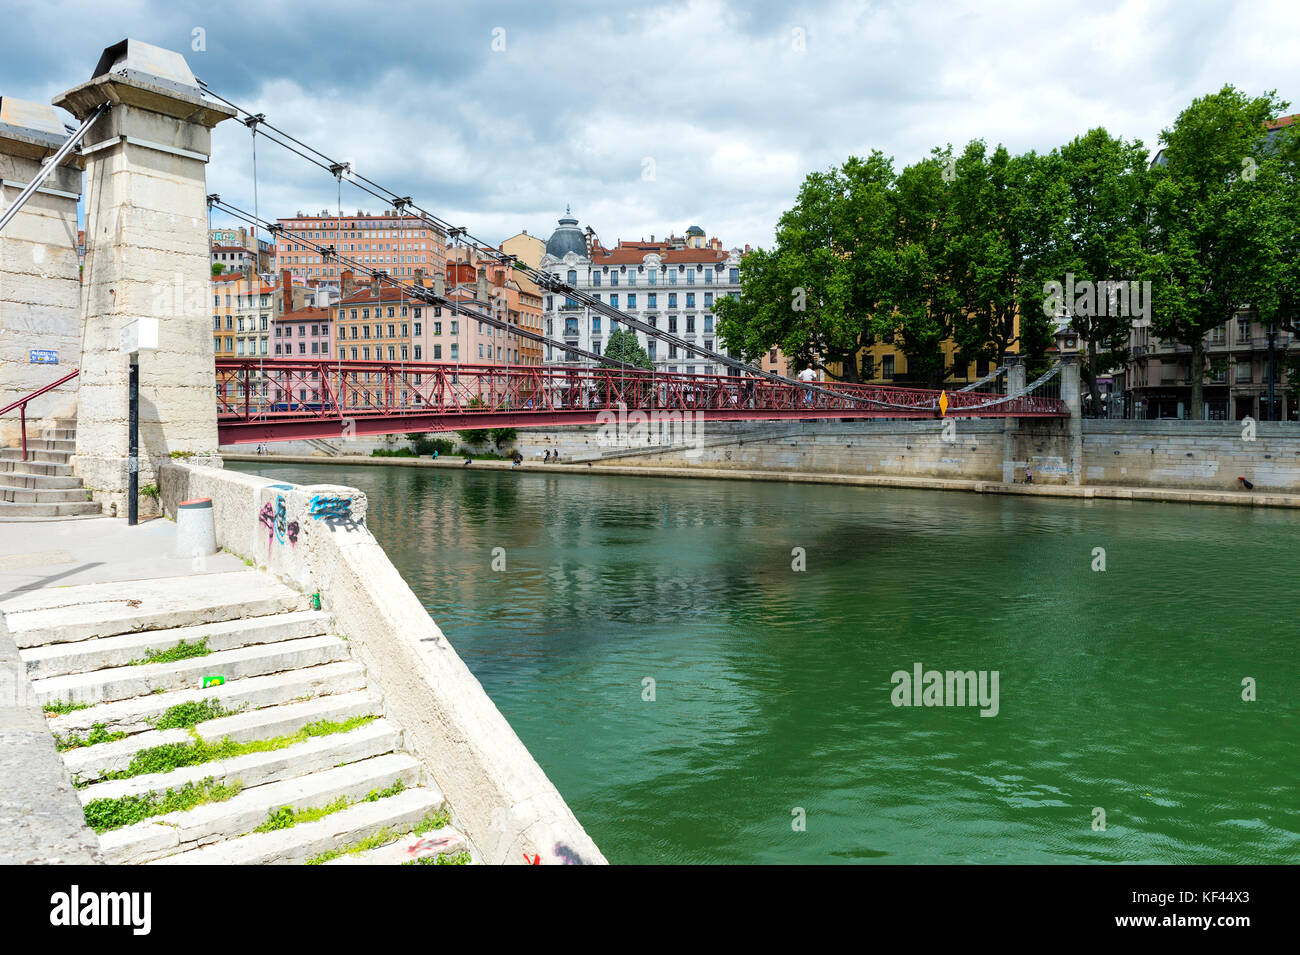 Saint Vincent footbridge over the Saone river, Lyon, Rhône Alpes, France - Stock Image